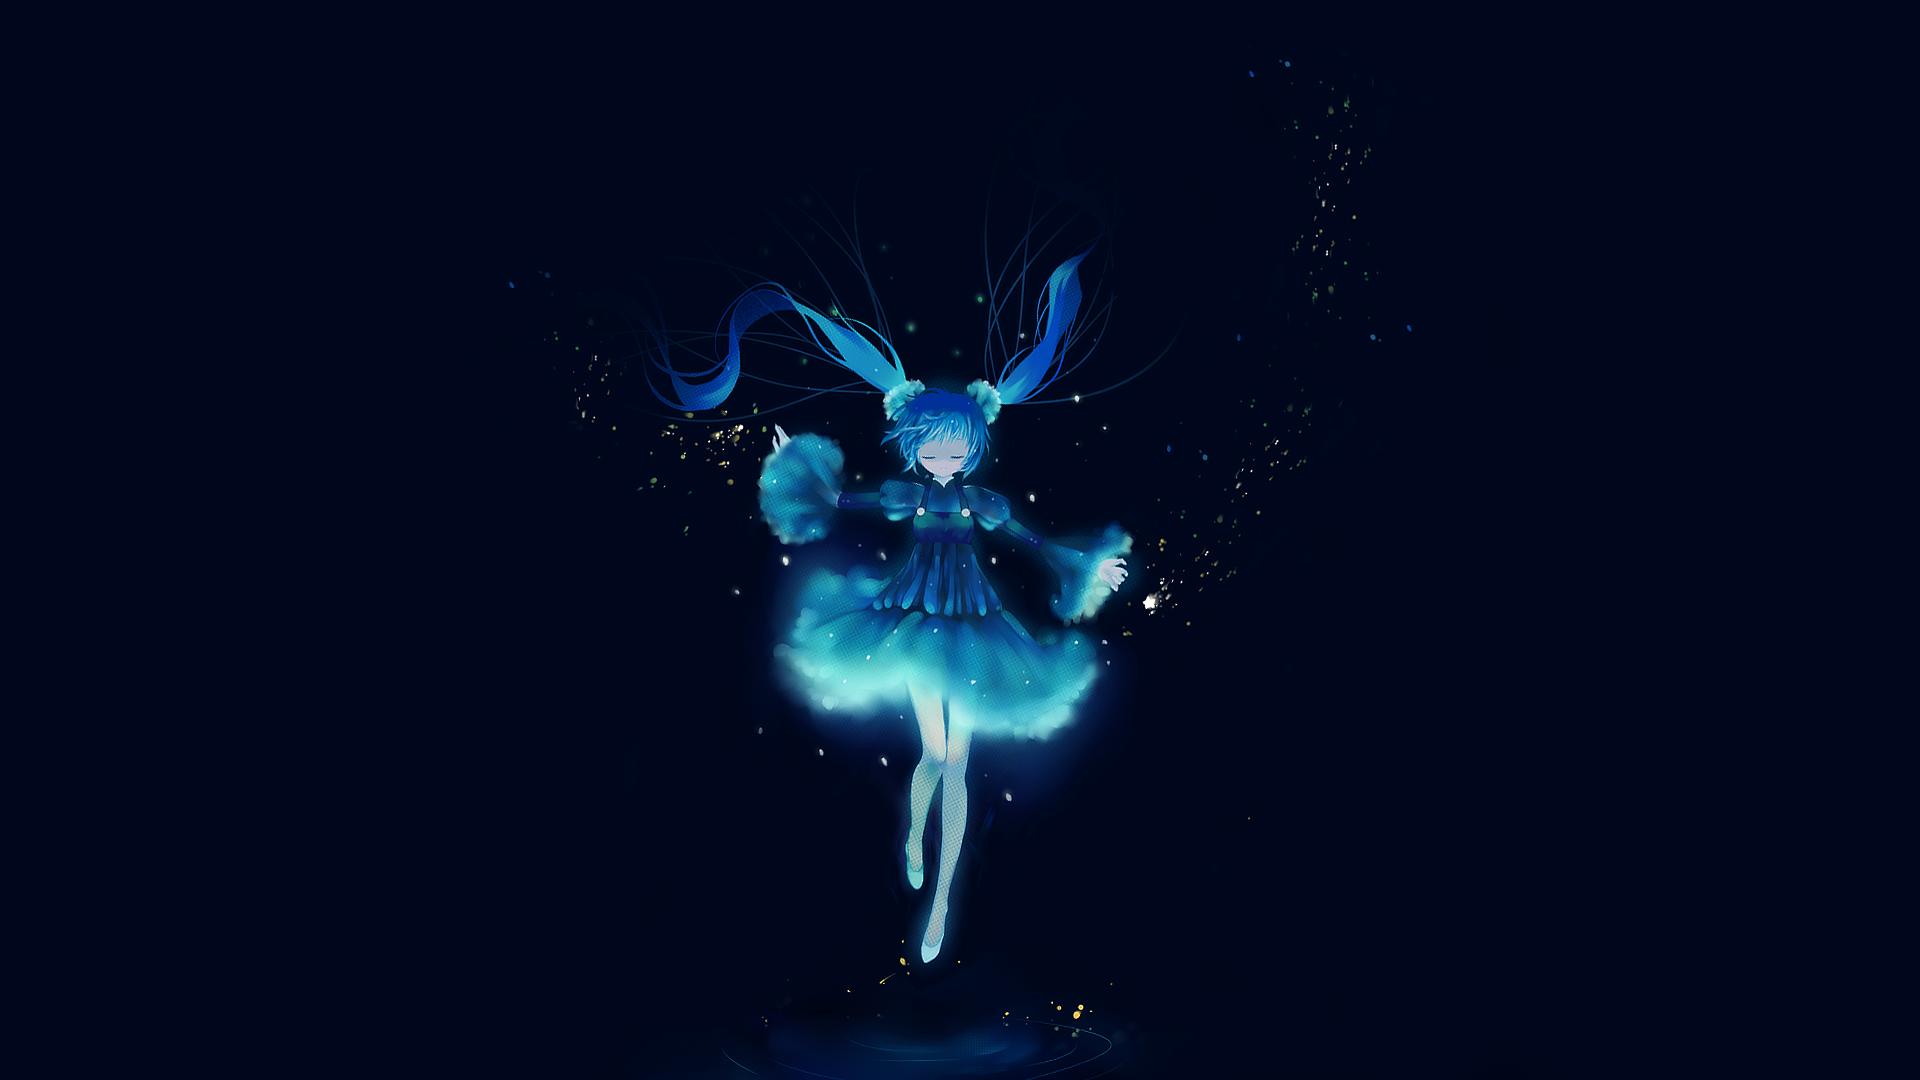 Vocaloid Hatsune Miku Wallpaper No 102981 Miku Hatsune Vocaloid Hatsune Miku Blue Anime